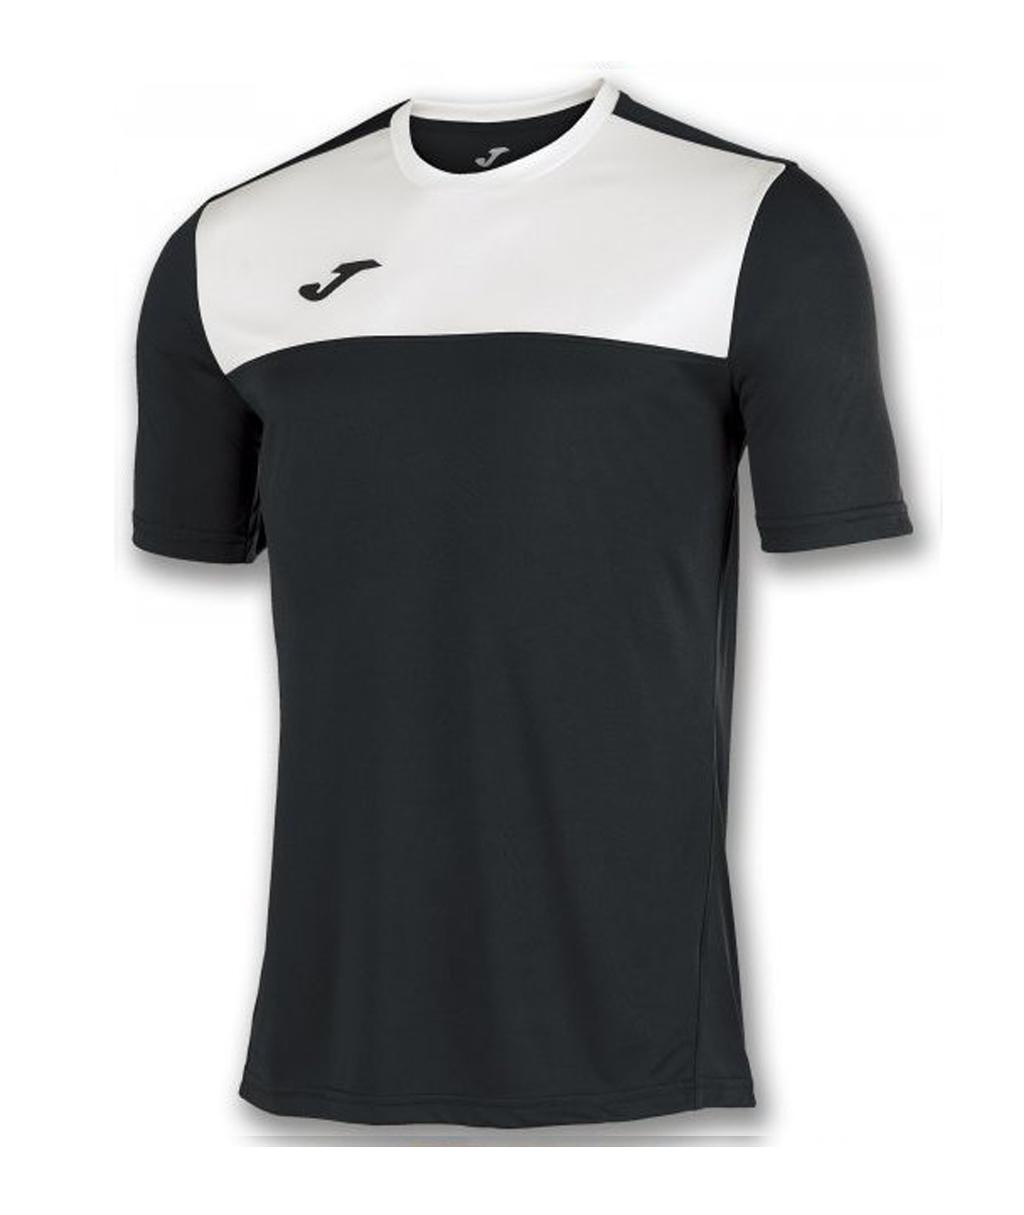 Купить футболку Joma Winner 100946.102 в интернет-магазине